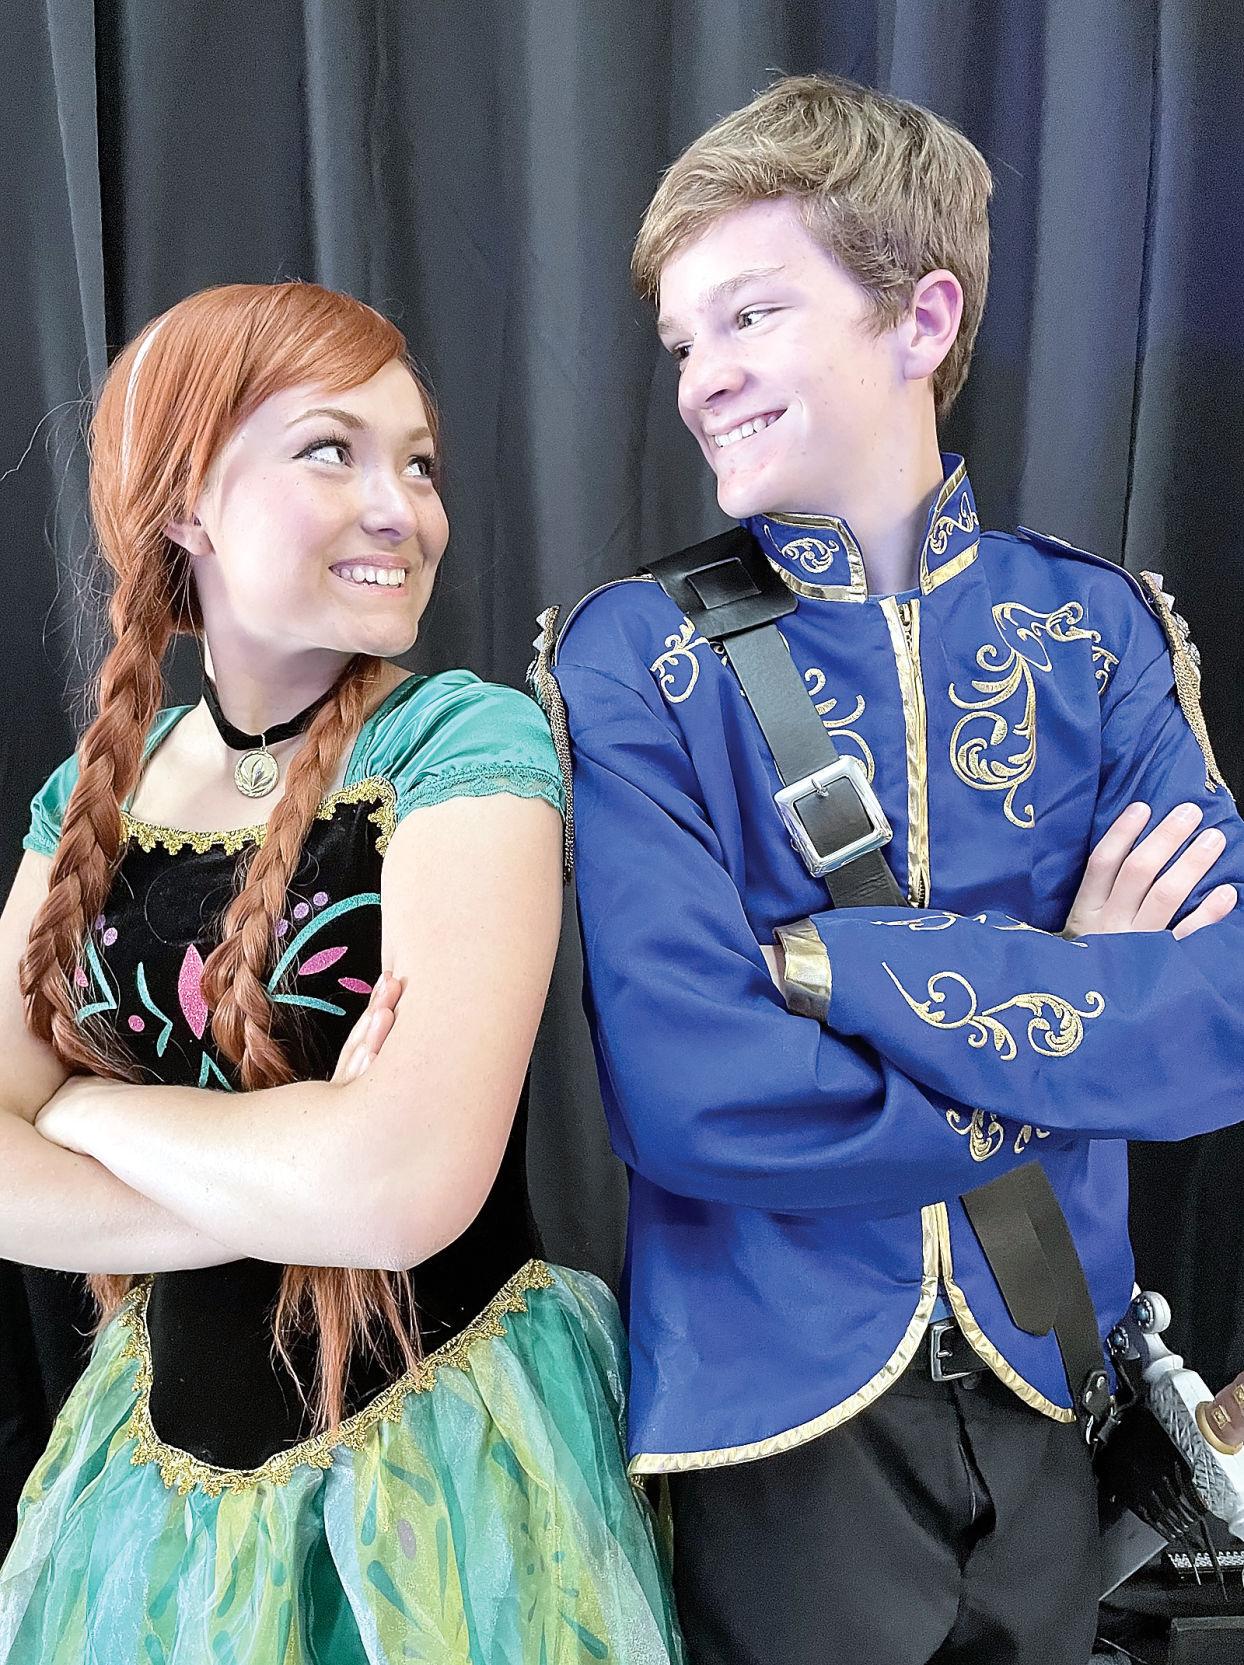 Annie Radar as Princess Anna and Nathaniel Dutton as Prince Hans